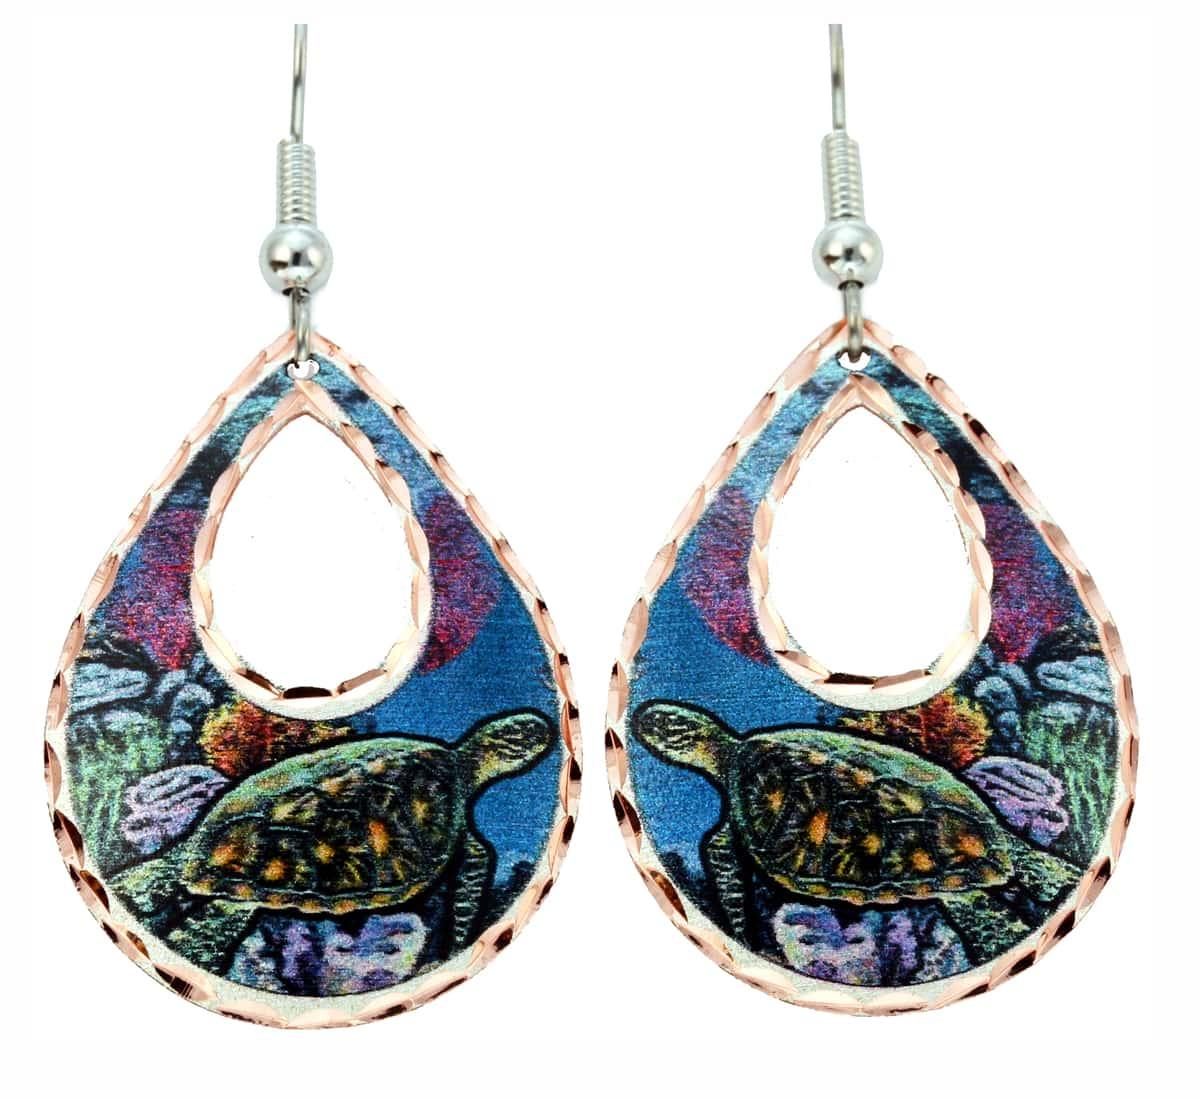 Handmade Nautical Seashore Jewelry, Sea Turtle Earrings